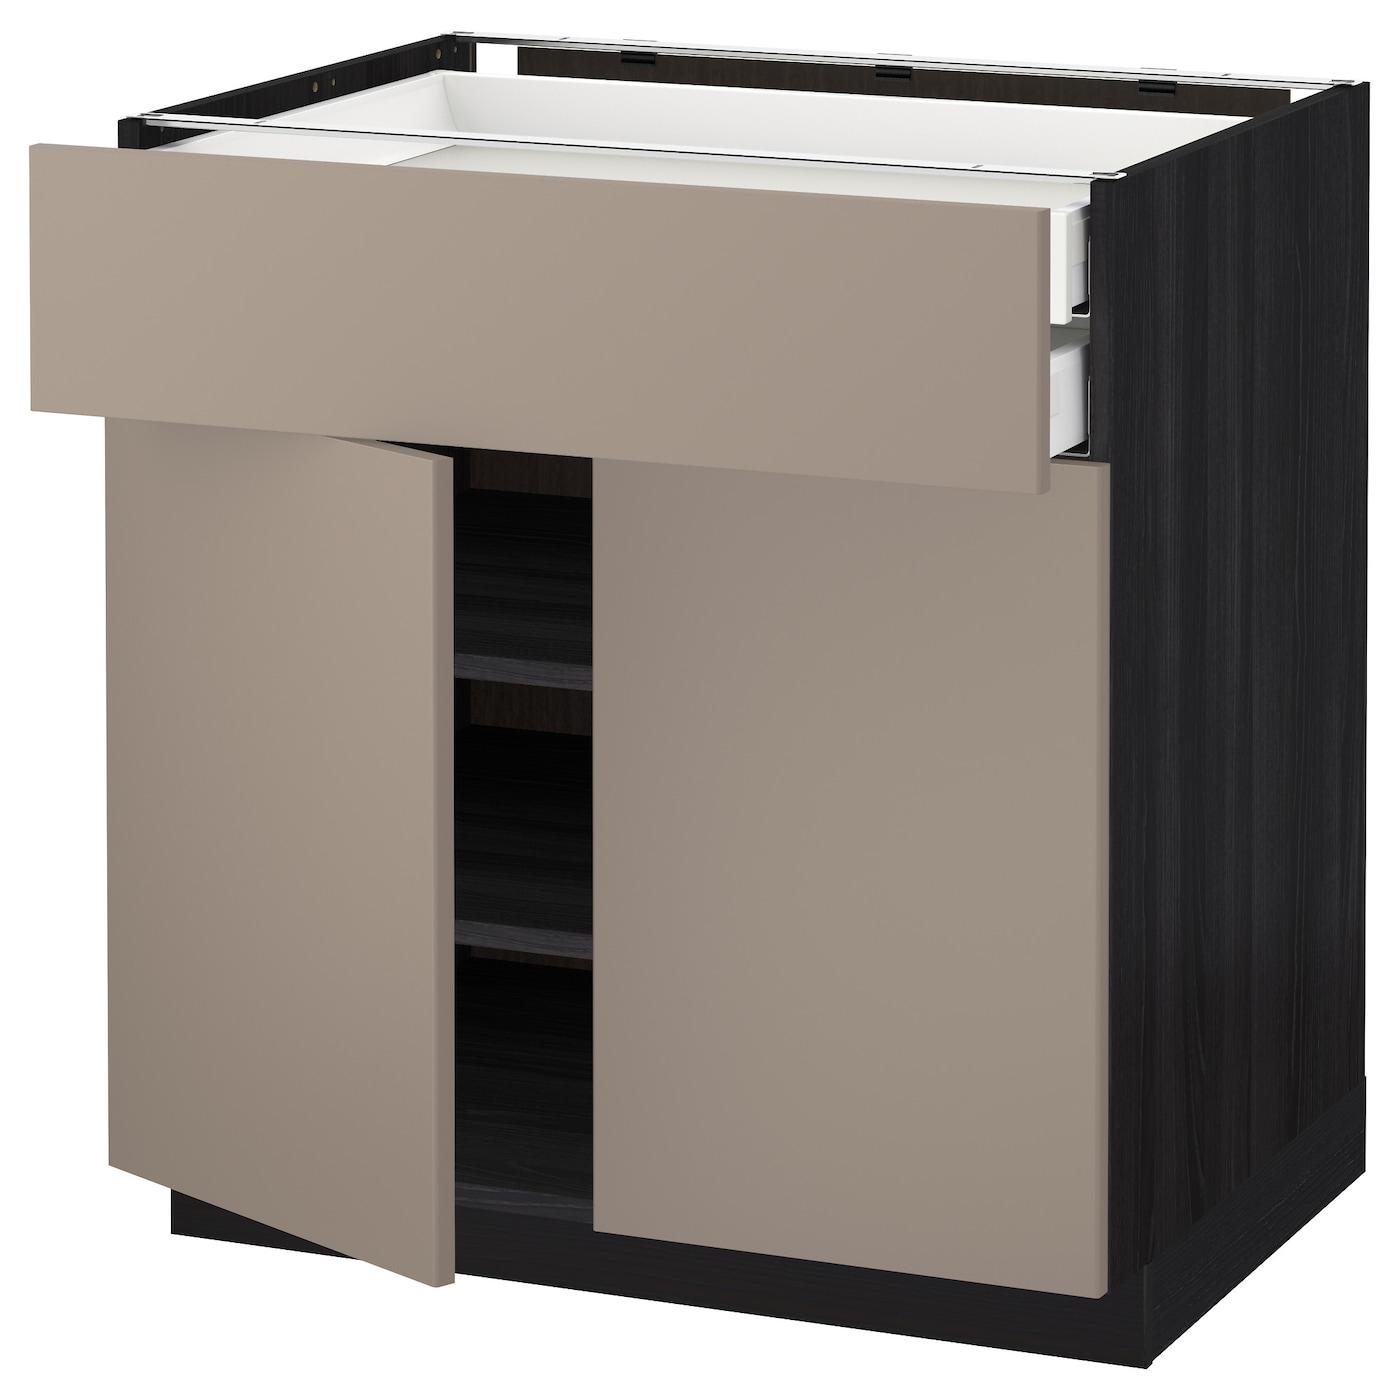 METOD / MAXIMERA, Unterschrank mit 2 Türen, 2 Schubl., schwarz, dunkelbeige 192.713.36